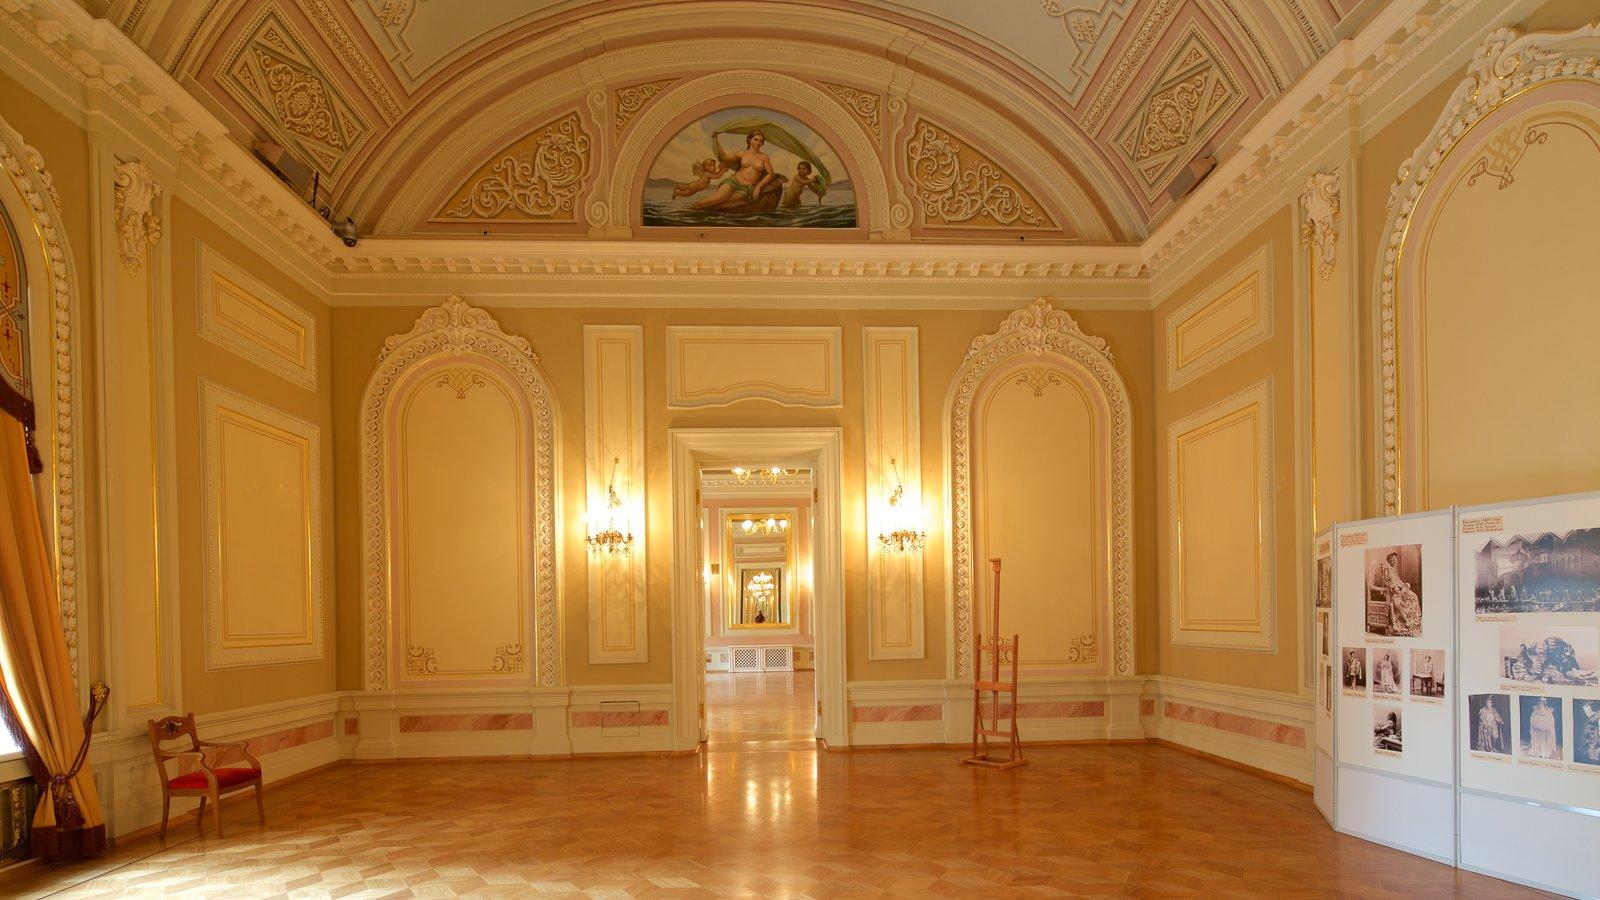 Teatro Bolshoi que inclui arquitetura de patrimônio e vistas internas